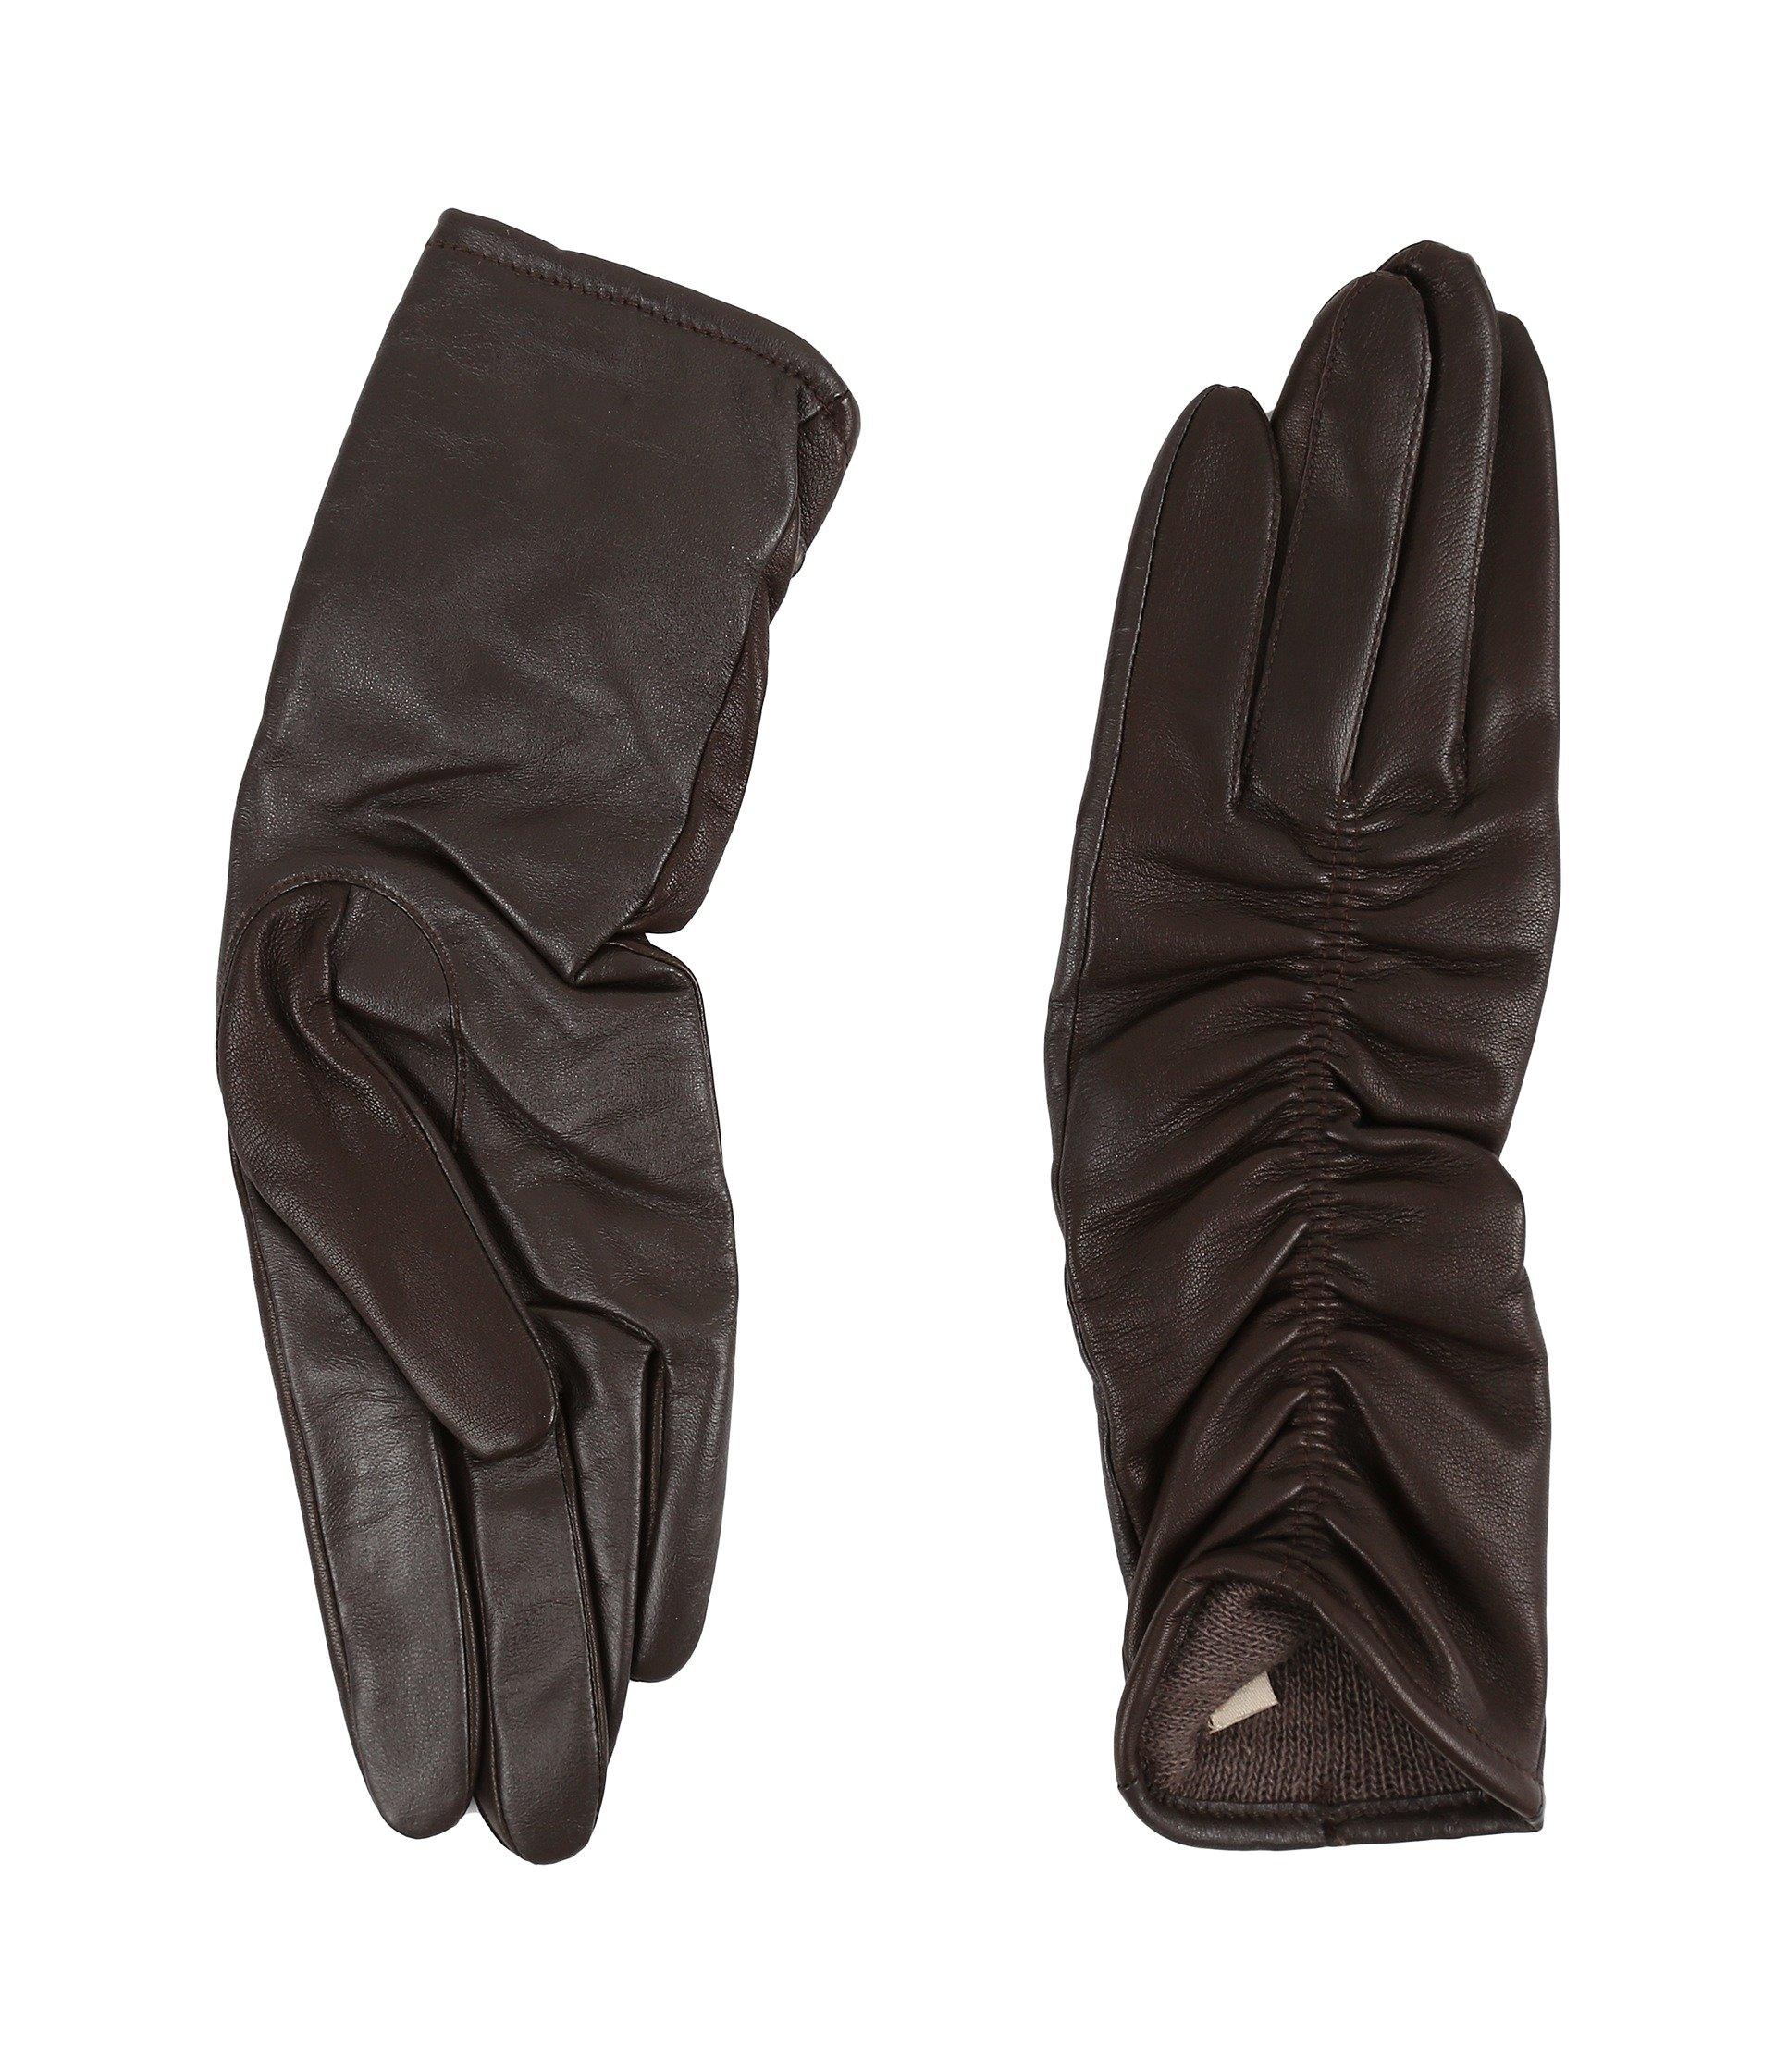 Guantes para Mujer UGG Ruched Novelty Leather Smart Gloves  + UGG en VeoyCompro.net